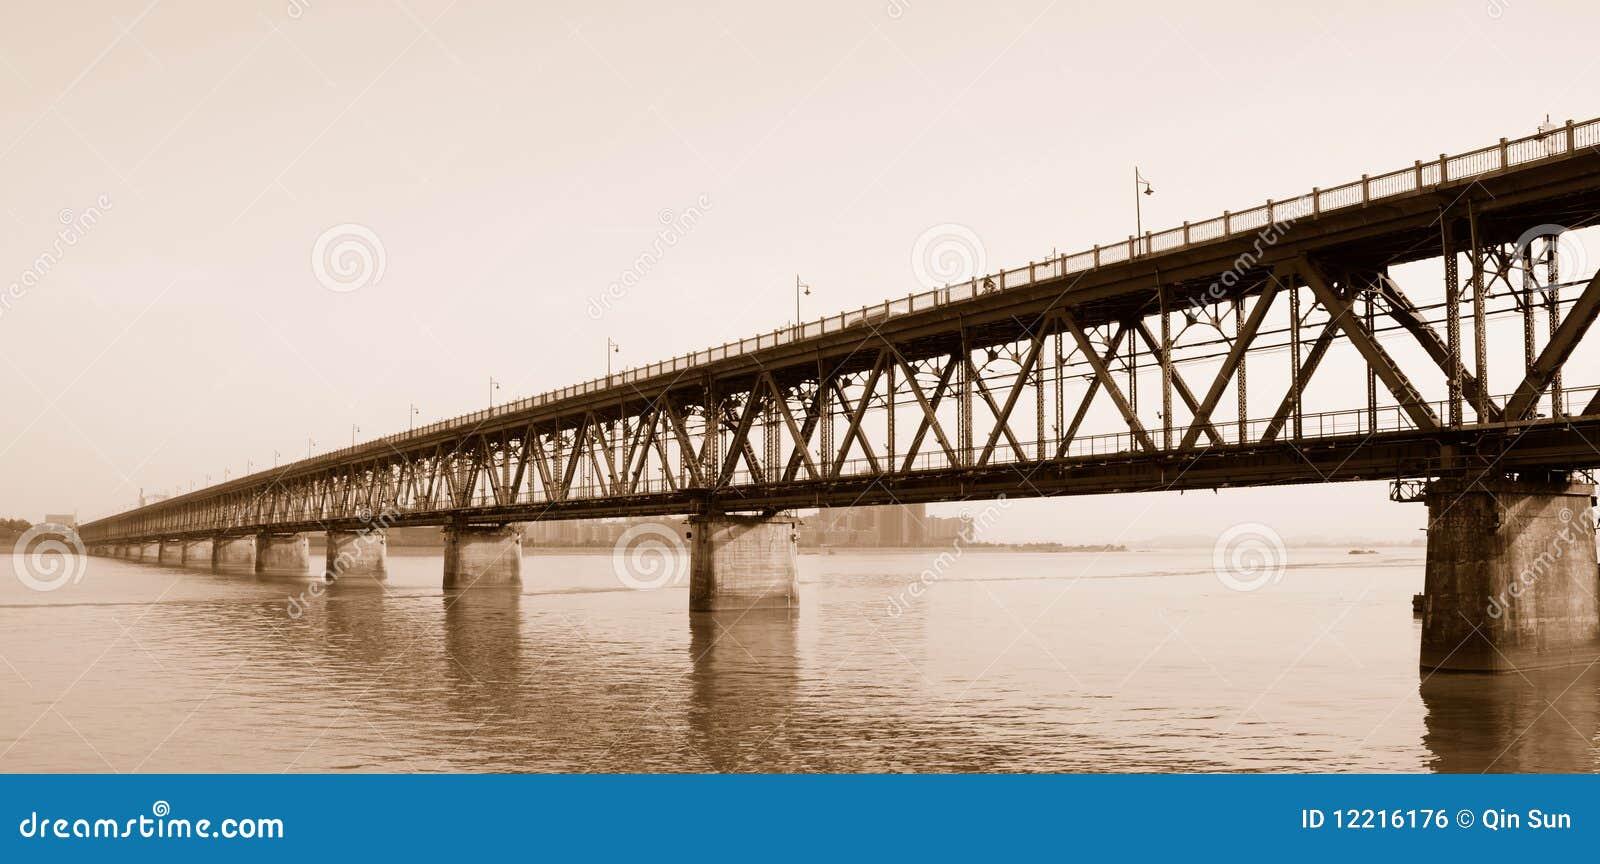 QianJiang bridge in hangzhou